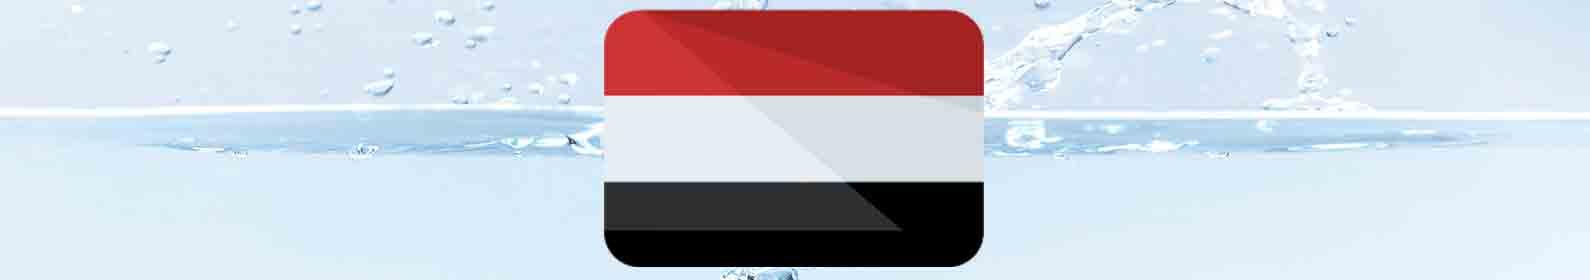 water-treatment-yemen.jpg